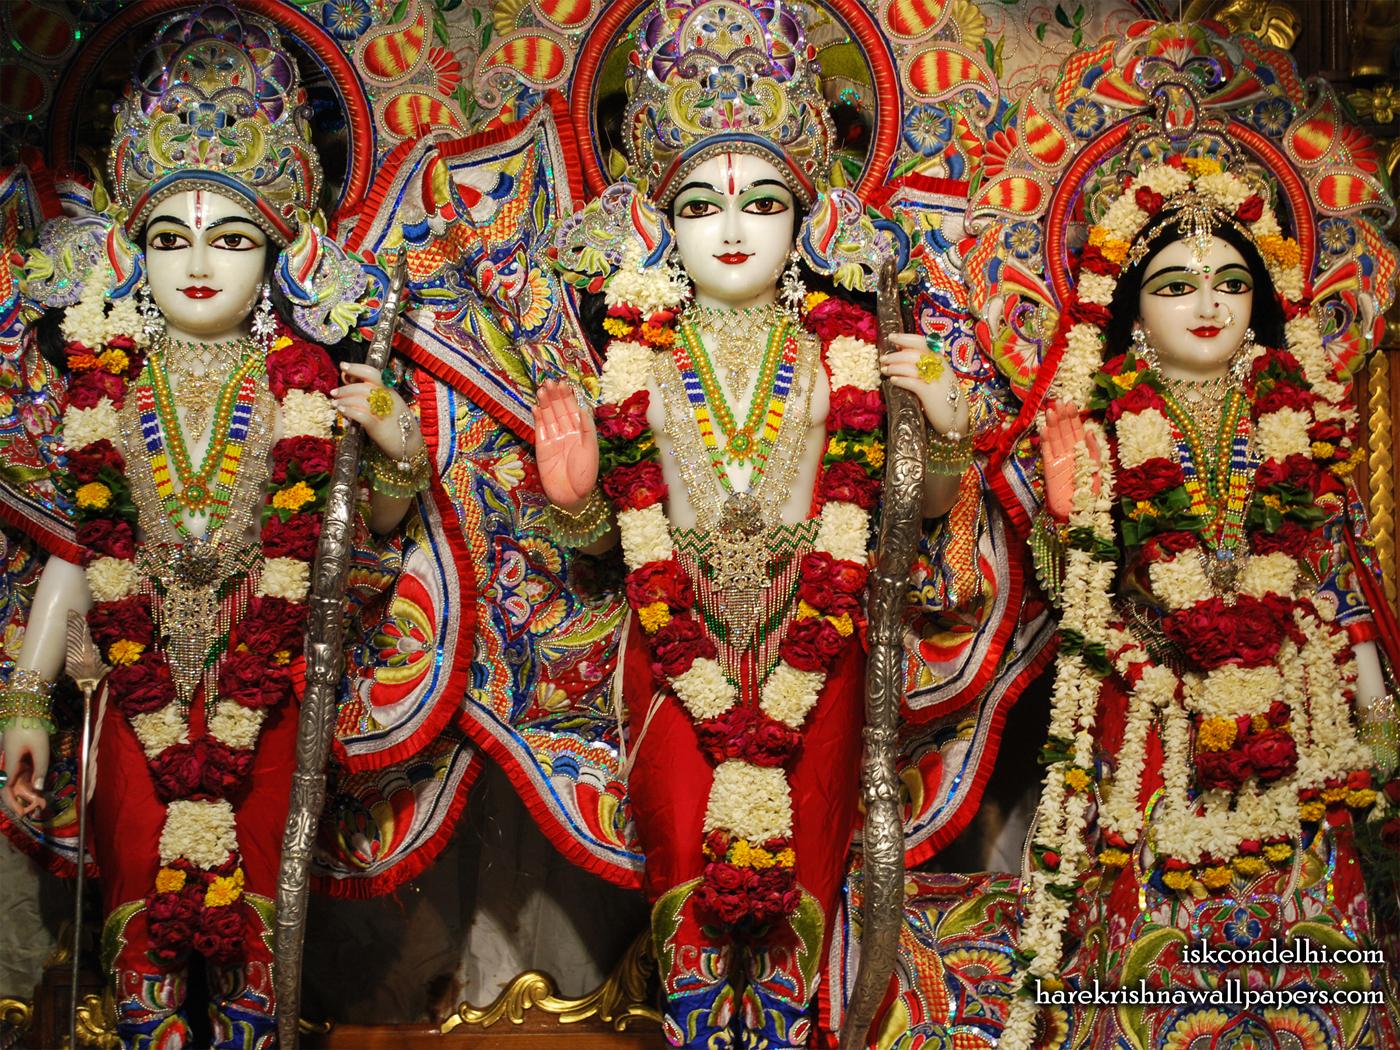 Sri Sri Sita Rama Laxman Wallpaper (008) Size 1400x1050 Download